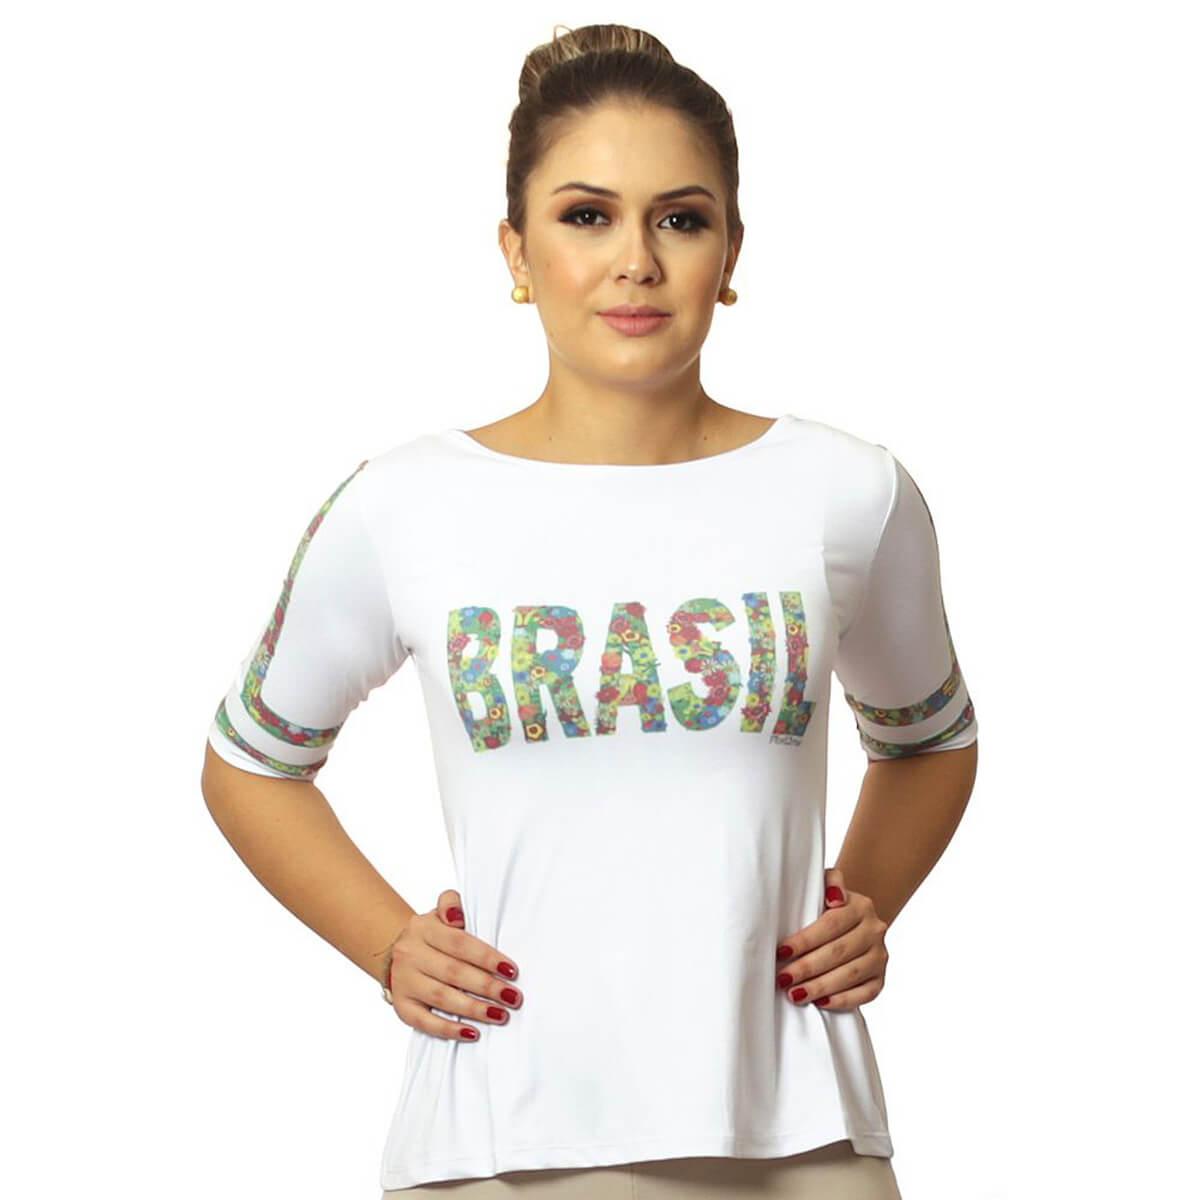 Blusa Feminina Meia Manga com Proteção Solar UV Estampa Exclusiva Copa do Mundo Brasil 10 Evasê